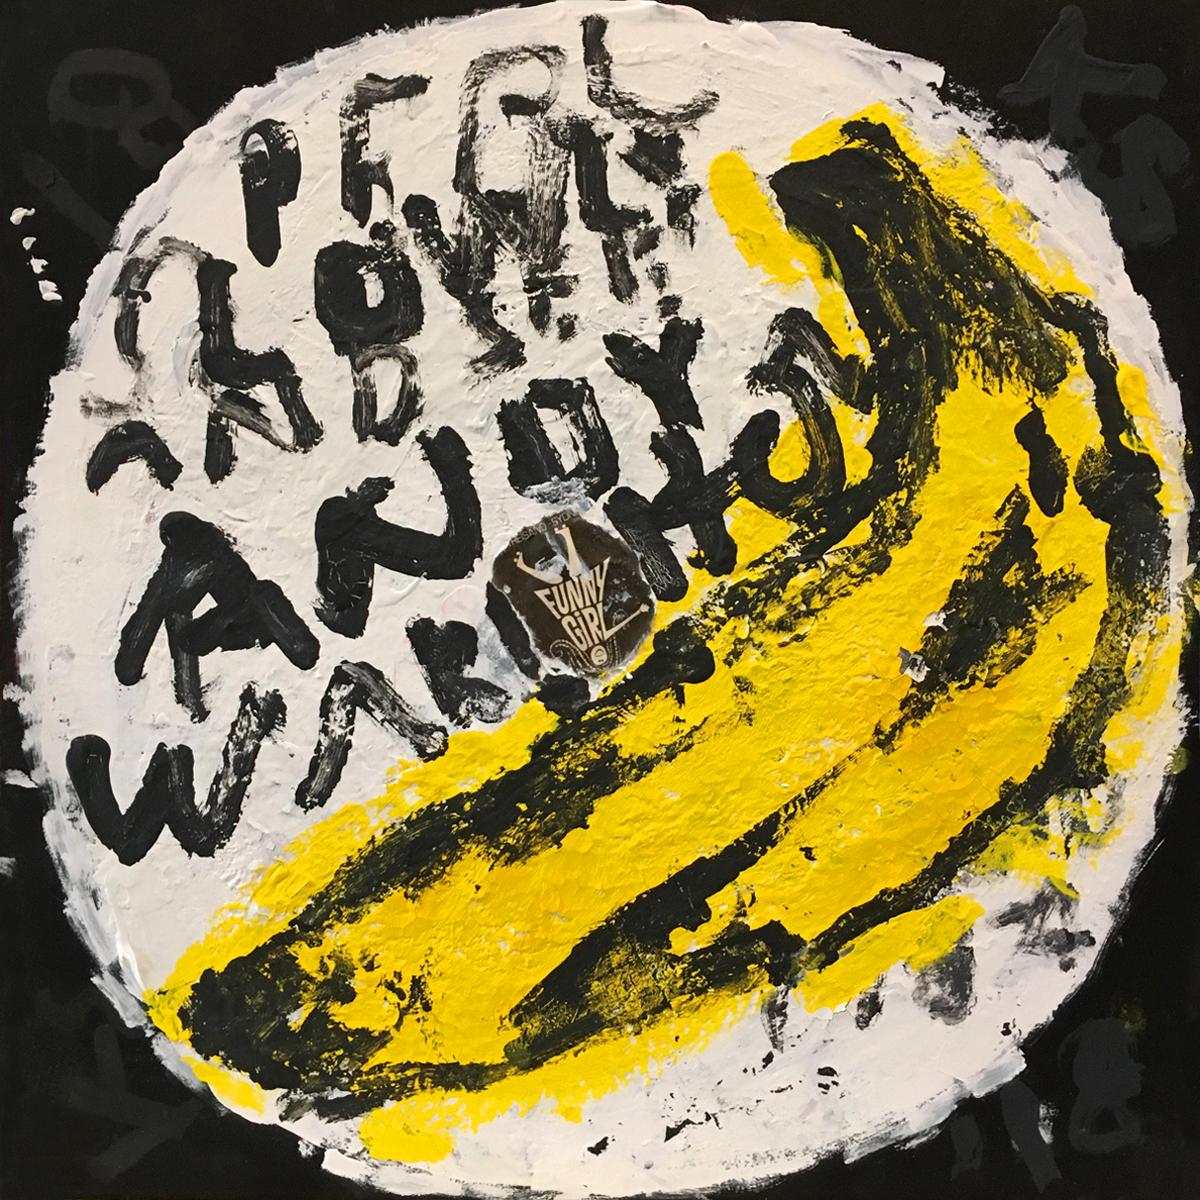 Velvet Underground / Andy Warhol (White)